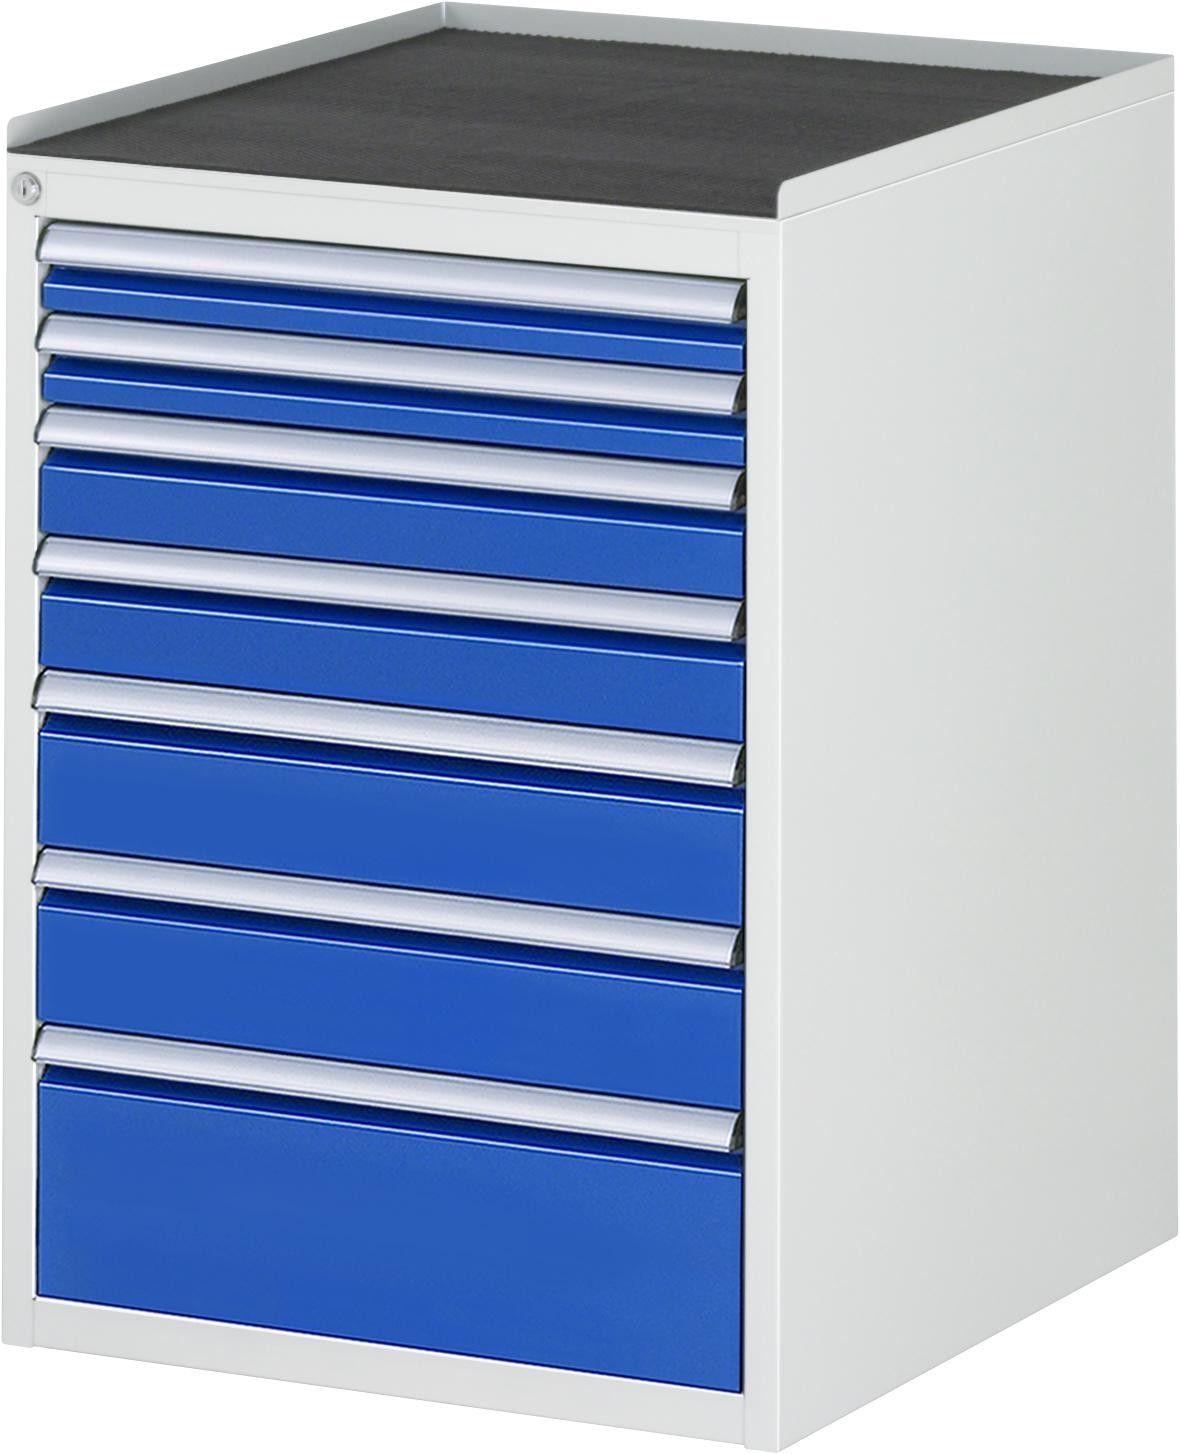 Schubladenschrank Serie 7000 Typ L5 0a 580x650x825mm Metall Top Vollauszug In 2020 Schubladenschrank Schubladen Schubladenauszug